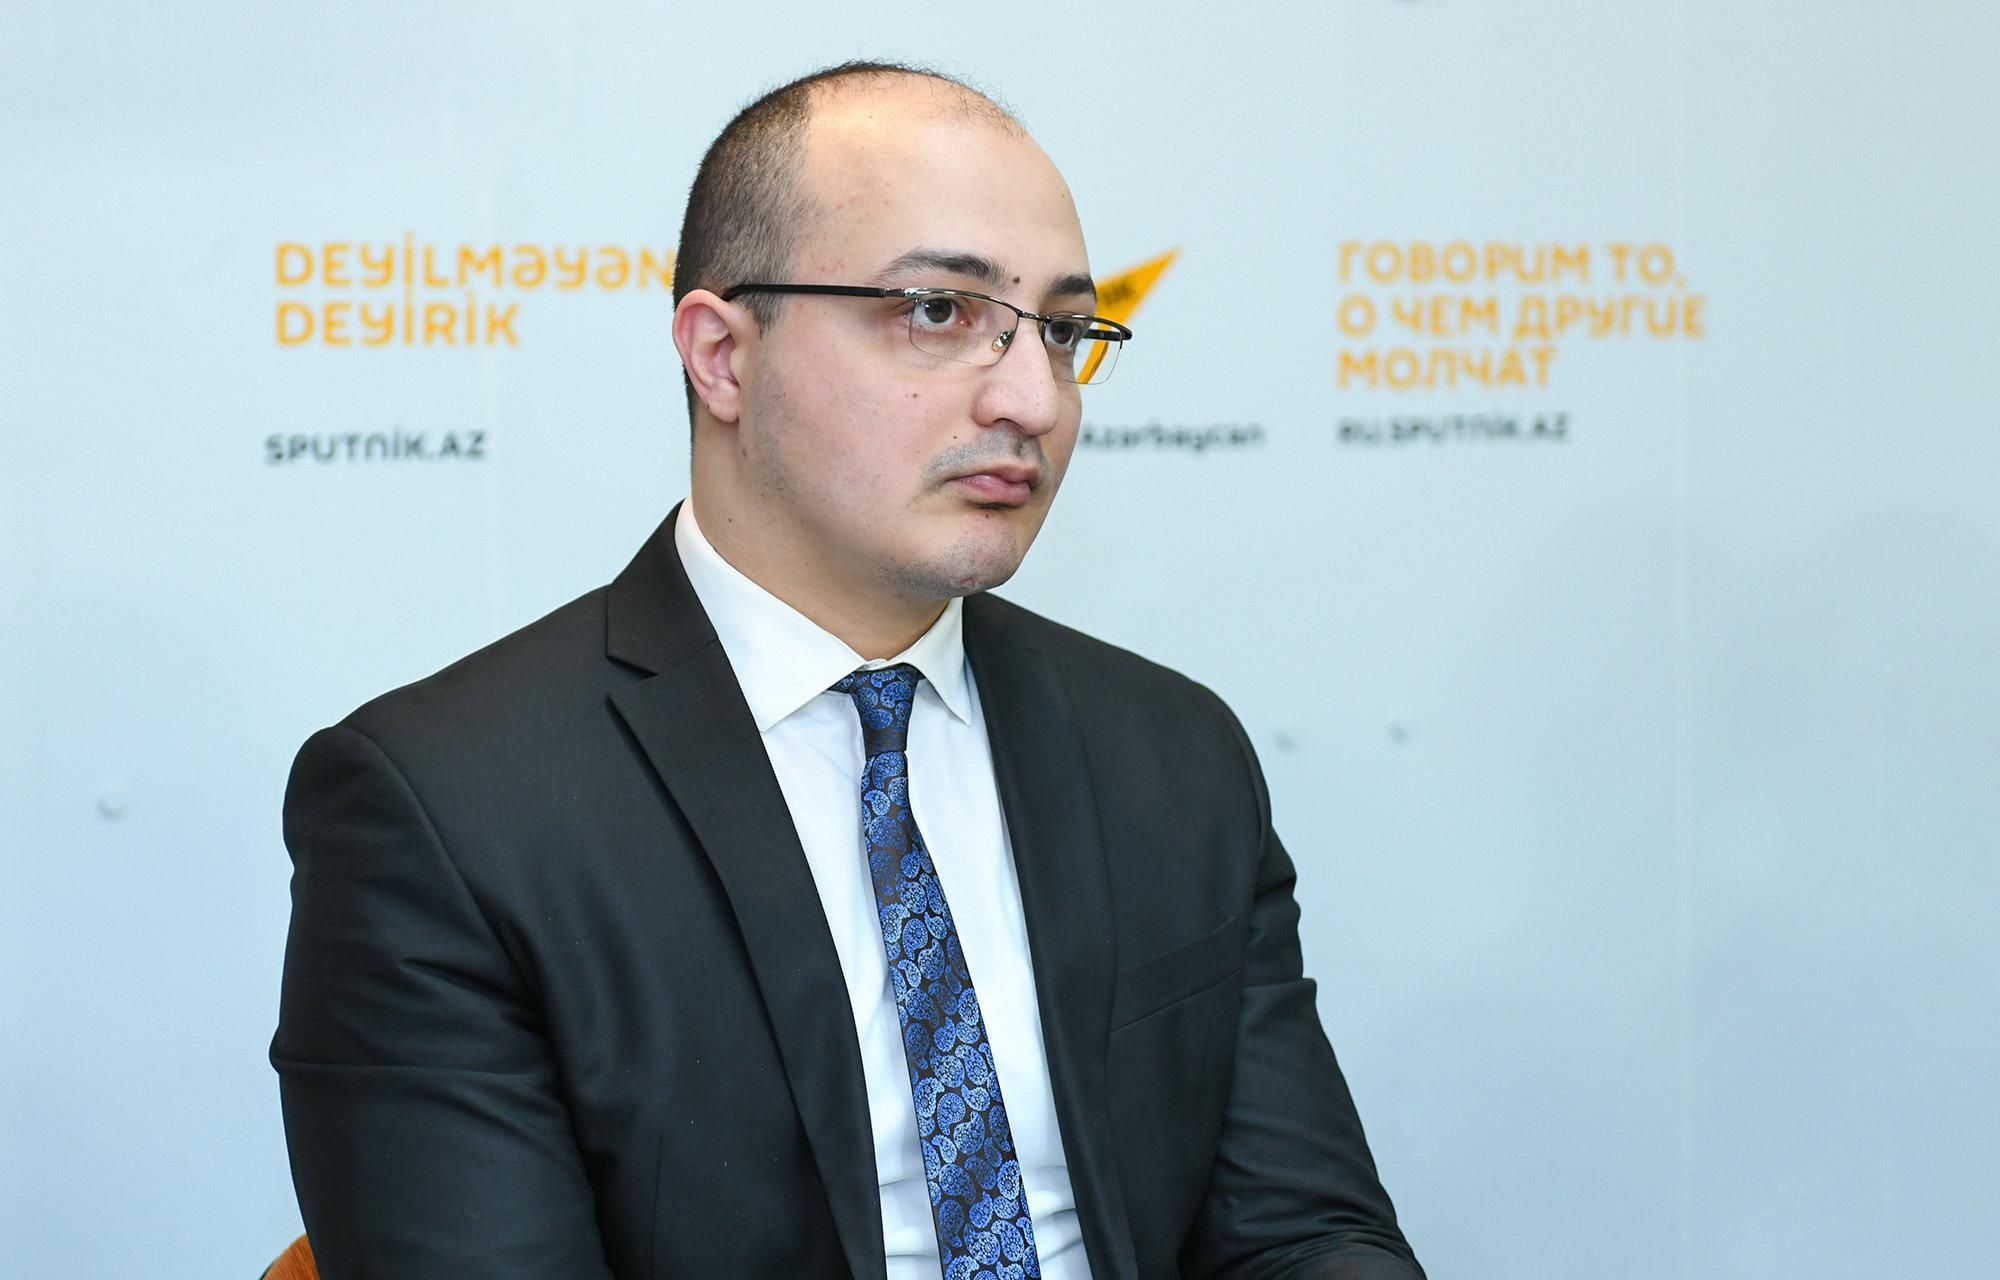 Кандидат политических наук, преподаватель Академии государственного управления при президенте Азербайджана Заур Мамедов